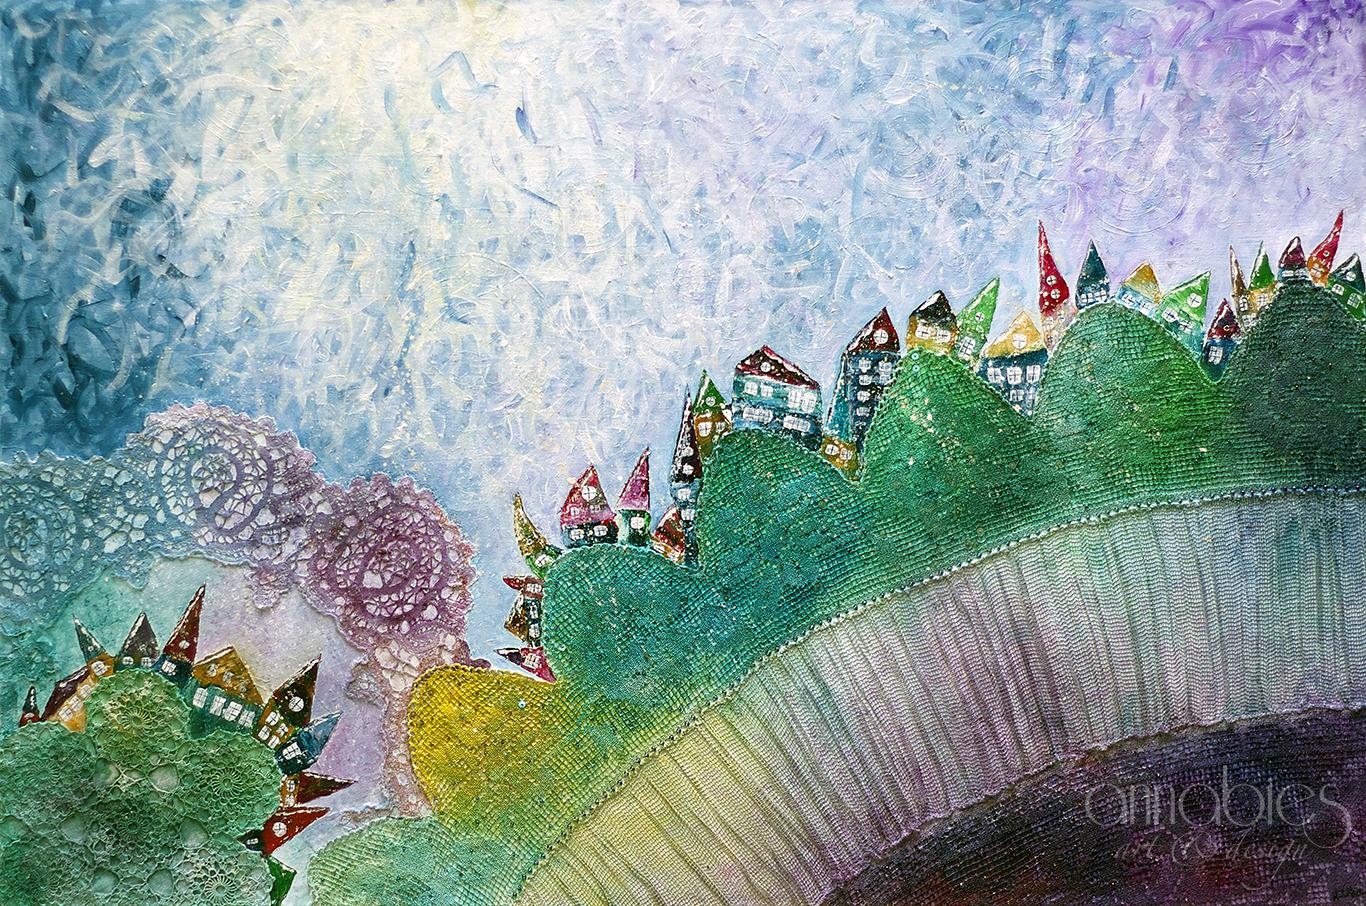 Among hills